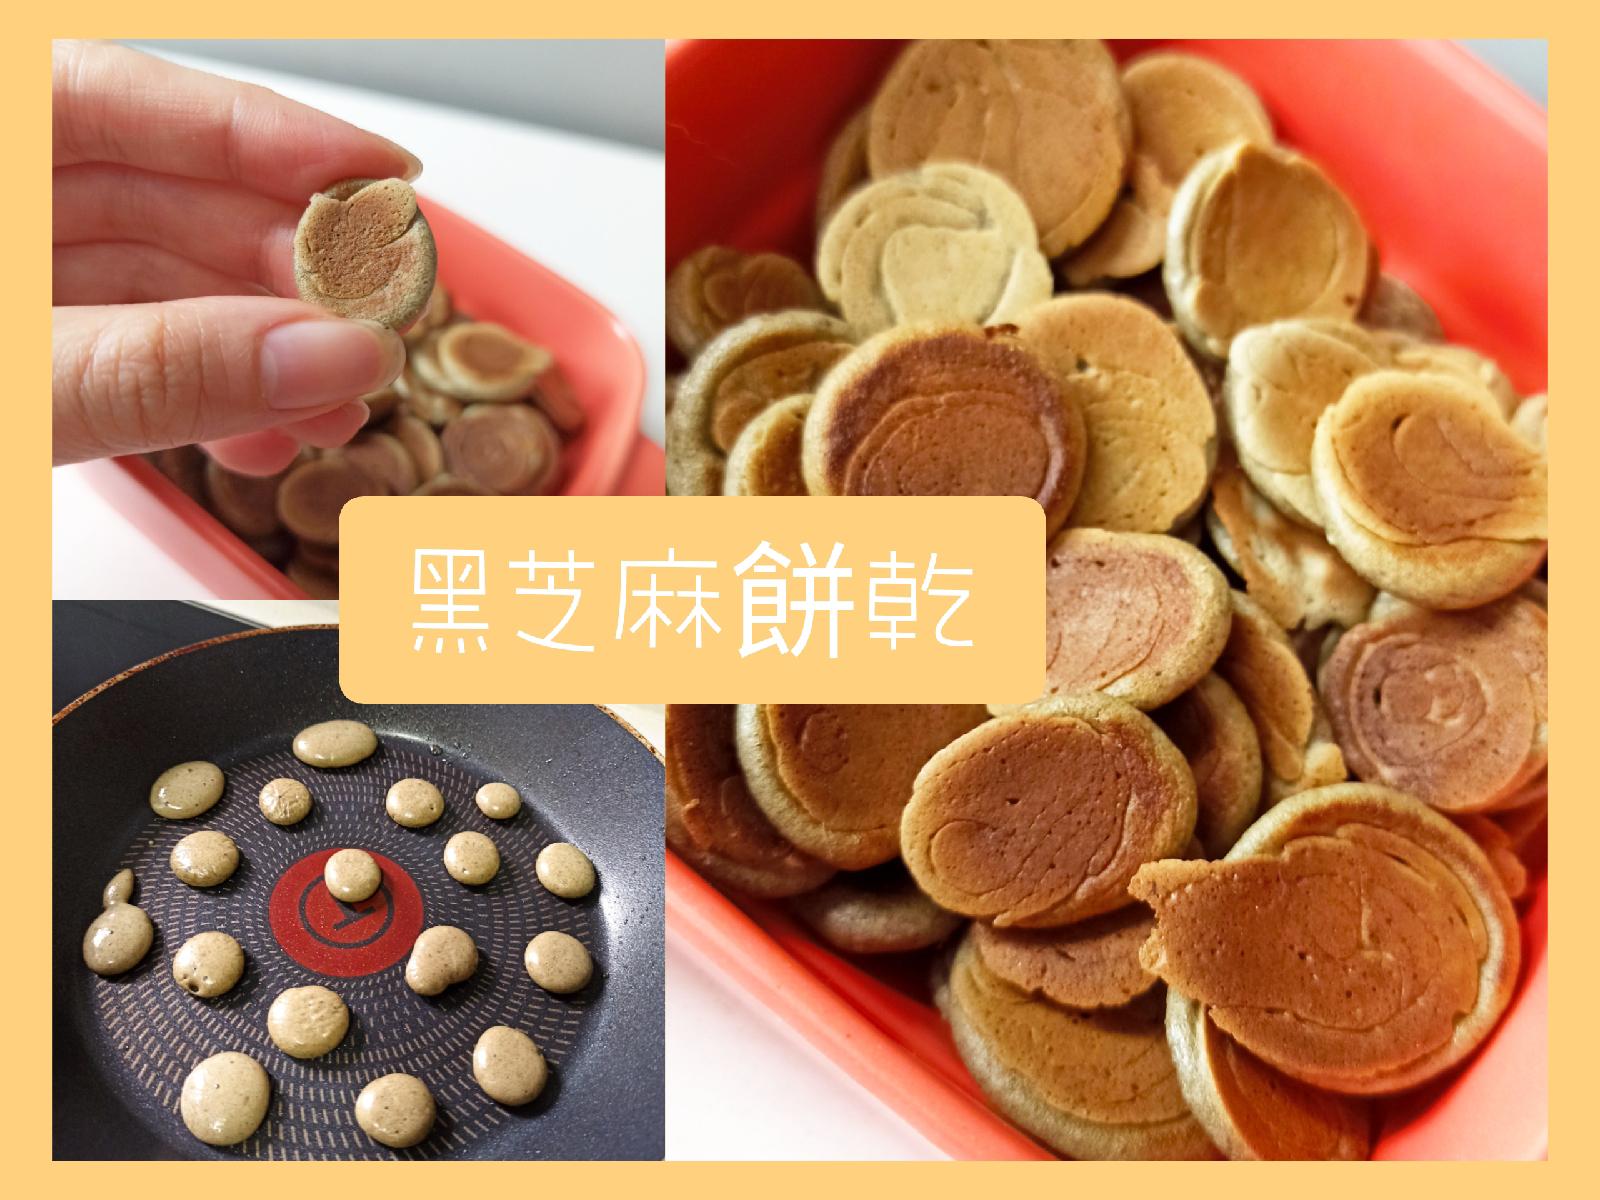 【食譜分享】無糖健康小食!香煎黑芝麻小餅乾!